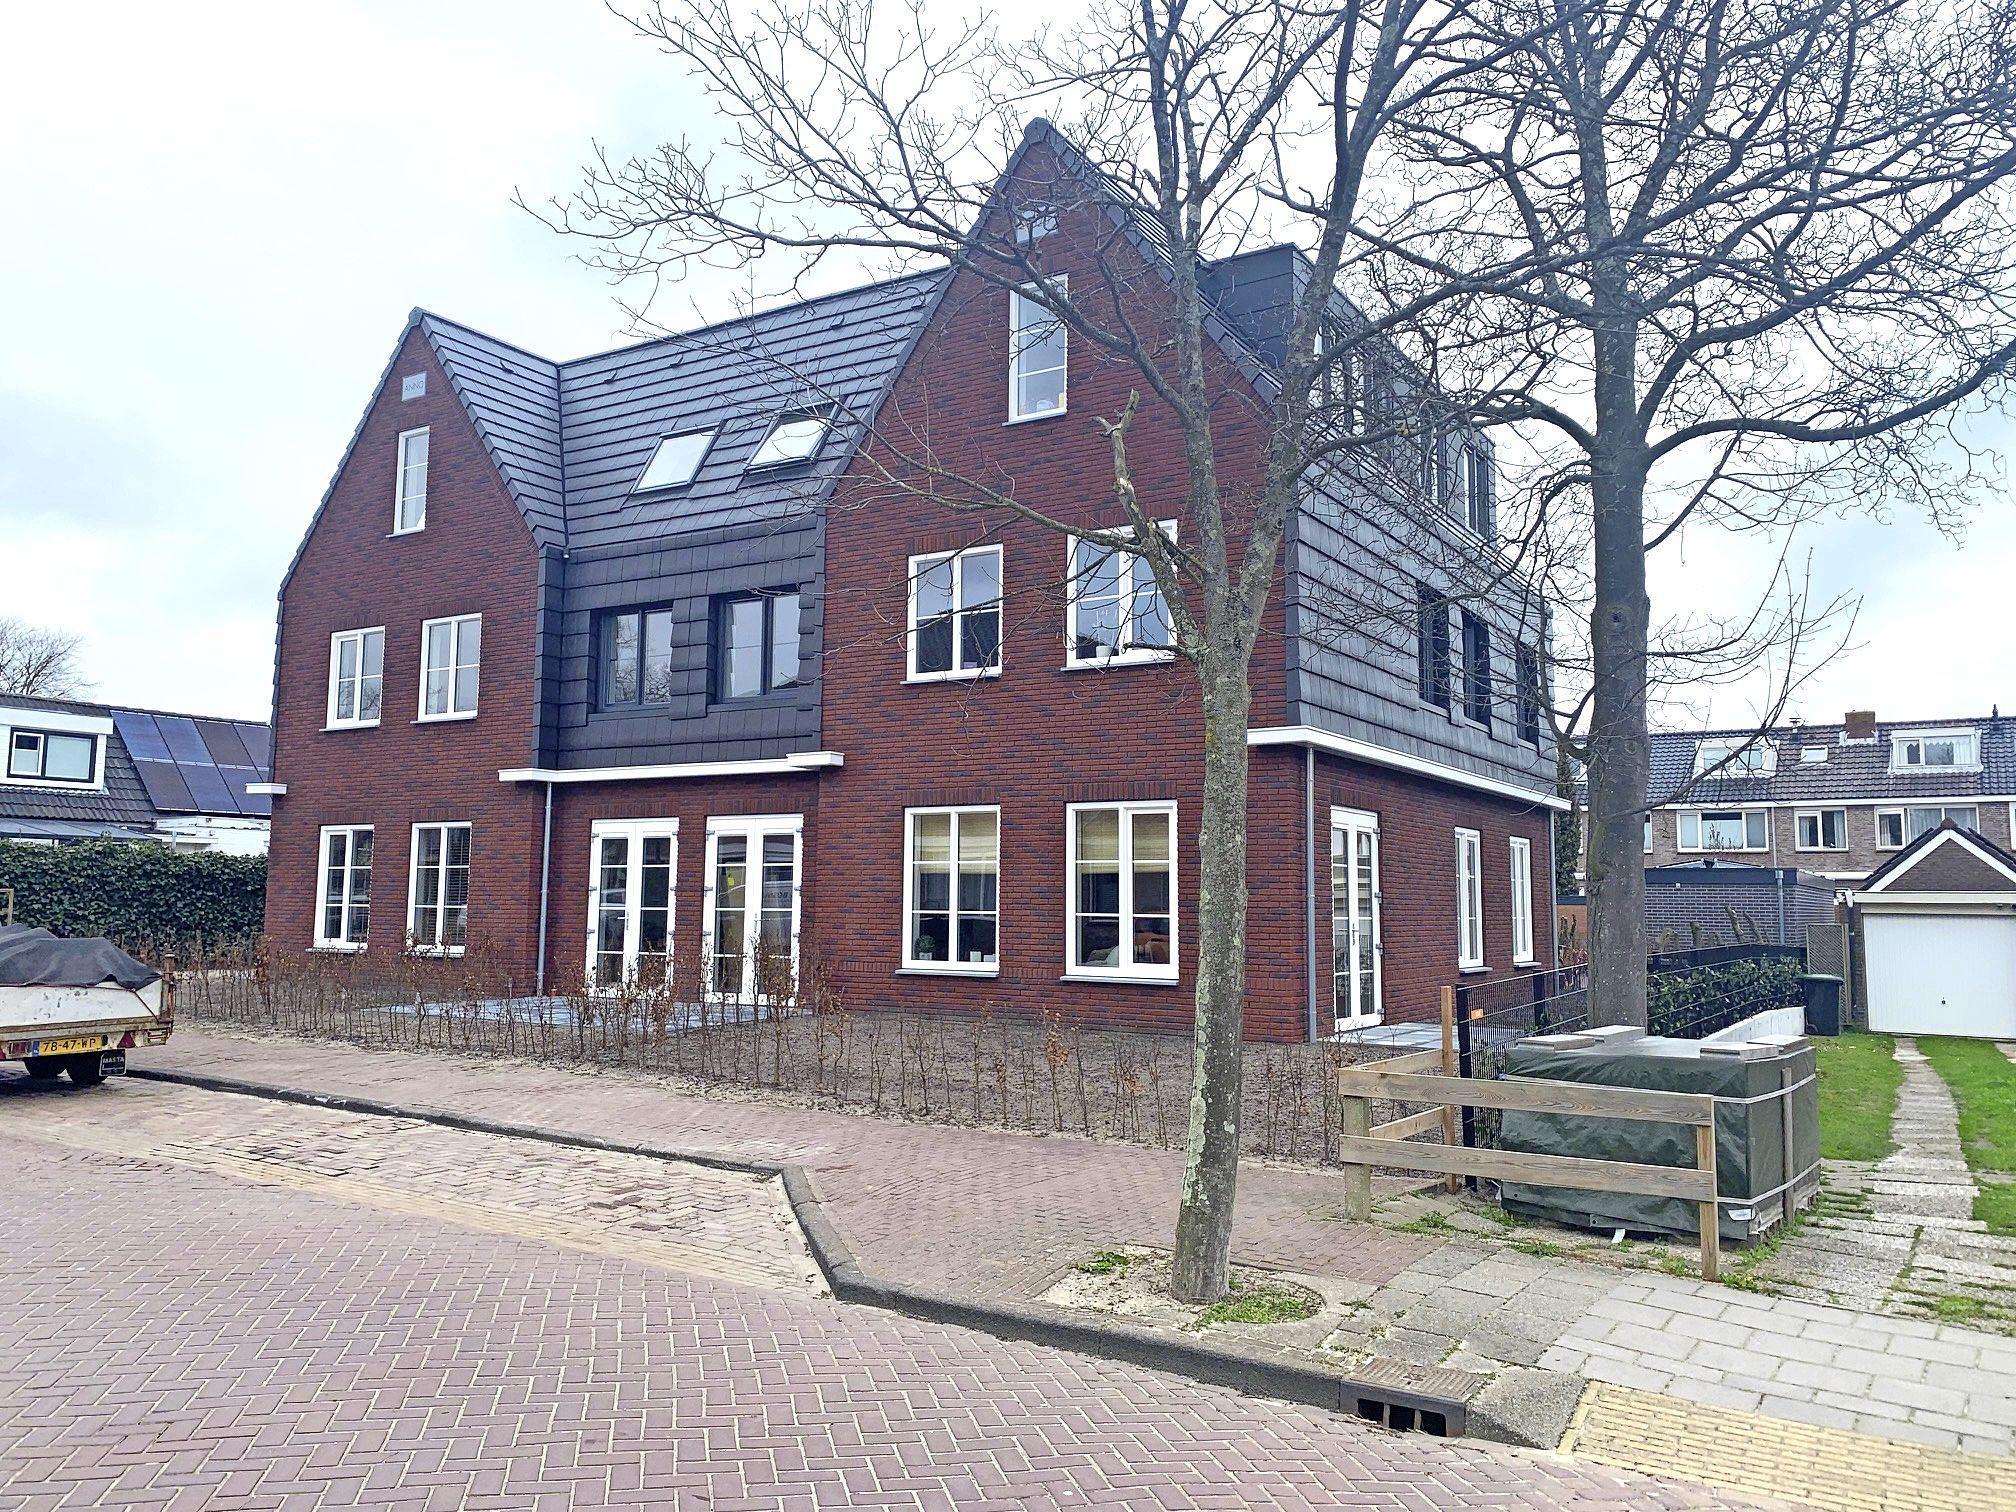 Conflict op scherp: Gemeente Castricum sommeert ontwikkelaar acht huurappartementen te verkopen. Maar volgens hem zijn er helemaal geen afspraken over koop of huur. En ondertussen zijn er al zes verhuurd, twee volgen snel